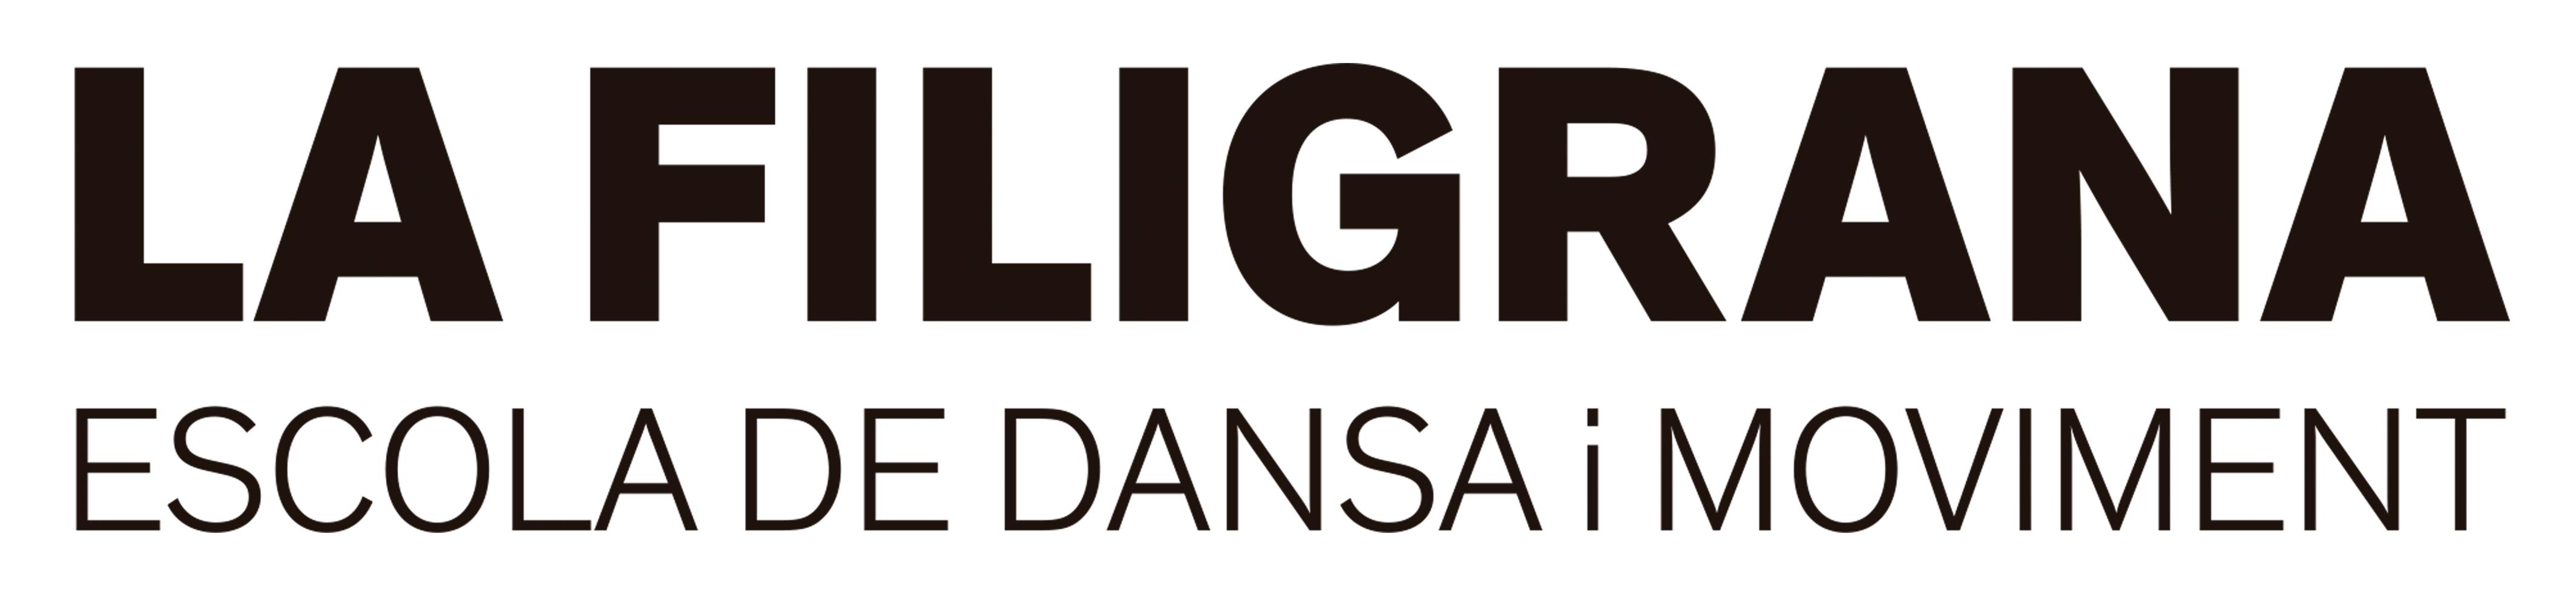 La Filigrana